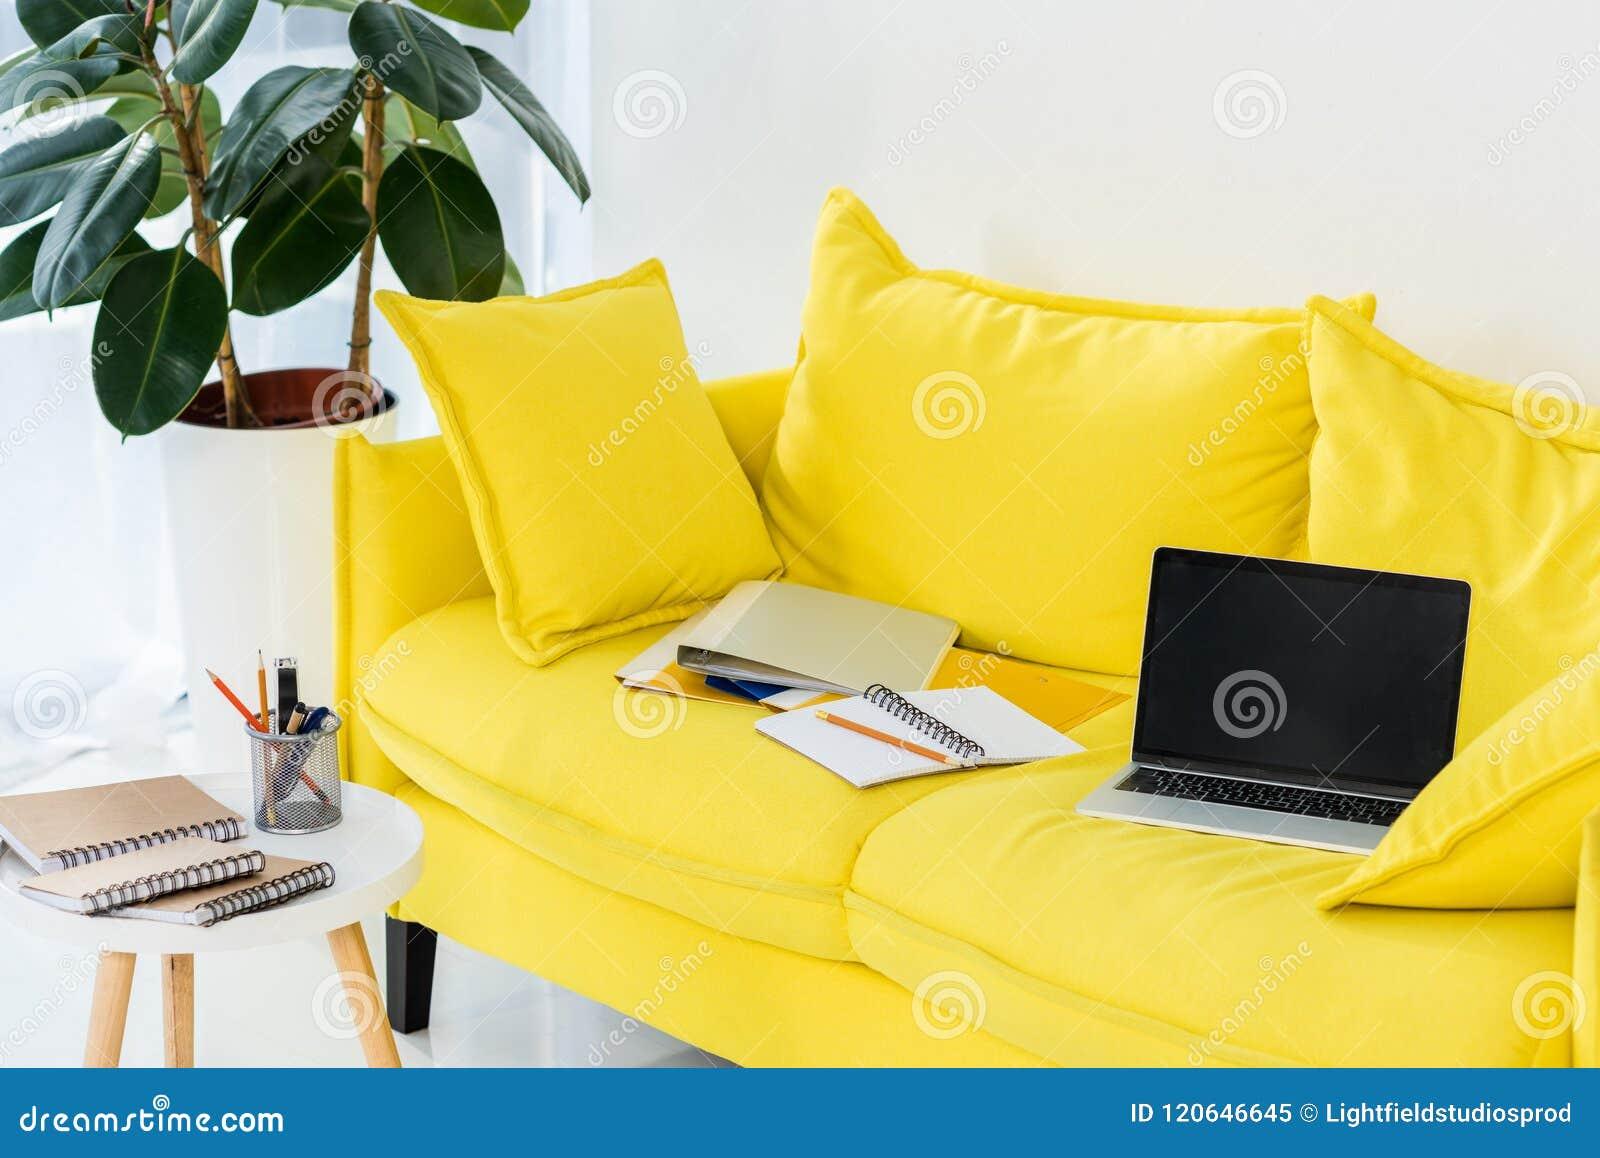 关闭膝上型计算机、笔记本和文件夹看法在黄色沙发